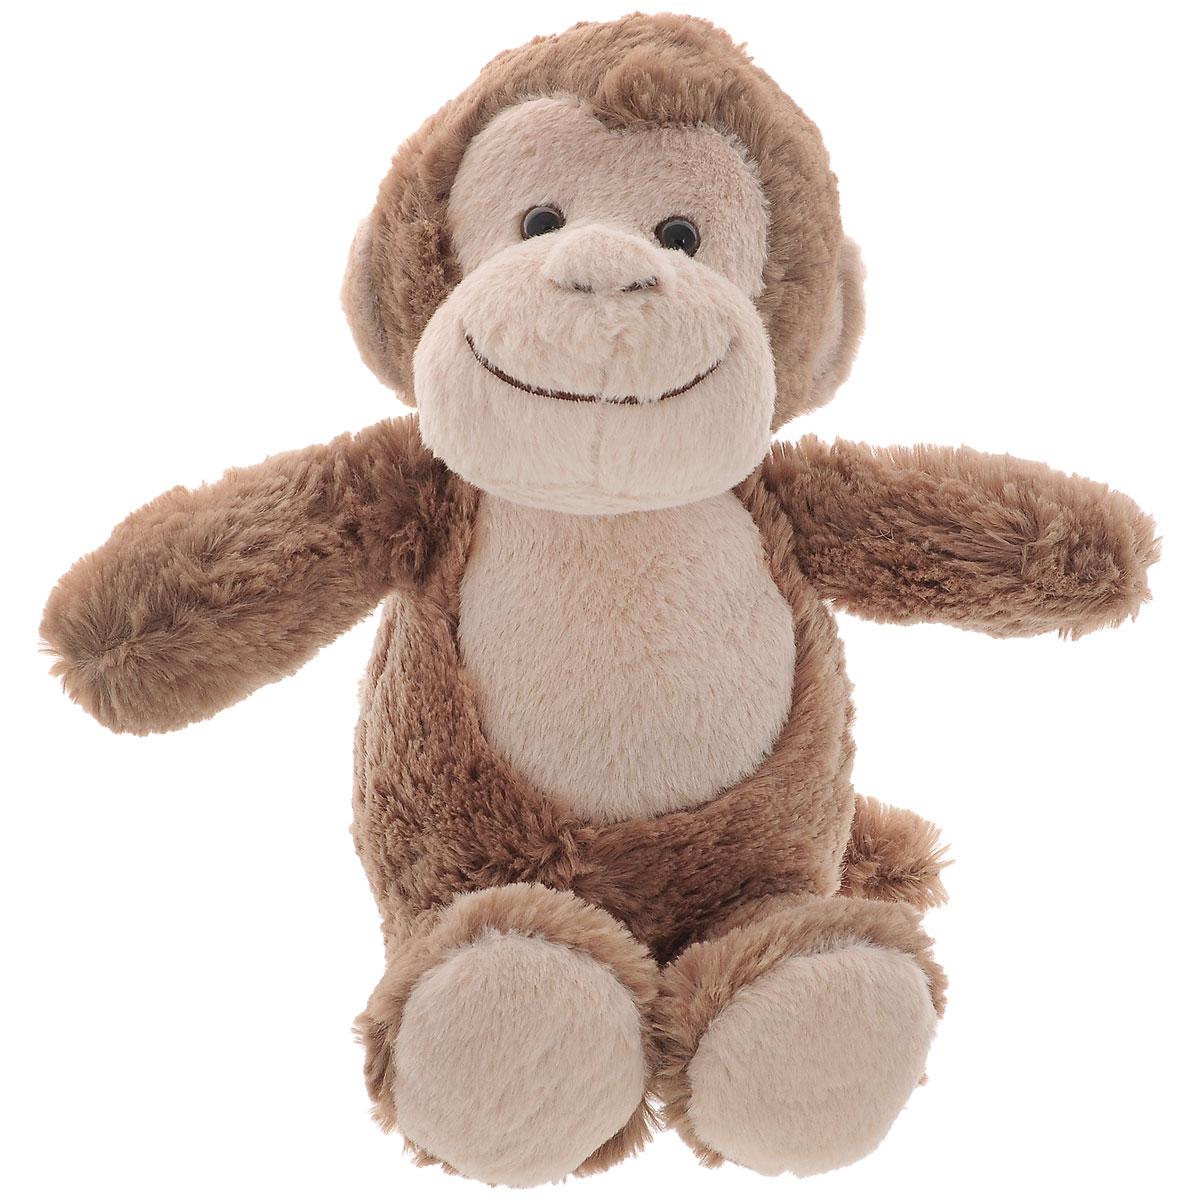 Мягкая игрушка Aurora Обезьянка, 21 см10-611Мягкая игрушка Aurora Обезьянка непременно вызовет улыбку у детей и взрослых. Изготовлена из приятных на ощупь и очень мягких материалов в виде милой обезьянки с дружелюбной улыбкой. Небольшие размеры игрушки позволяют брать ее на прогулку и в гости, поэтому малышу больше не придется расставаться со своим новым другом. Специальные гранулы, используемые при ее набивке, способствуют развитию мелкой моторики рук ребенка. Удивительная игрушка принесет радость и подарит своему обладателю мгновения нежных объятий и приятных воспоминаний.